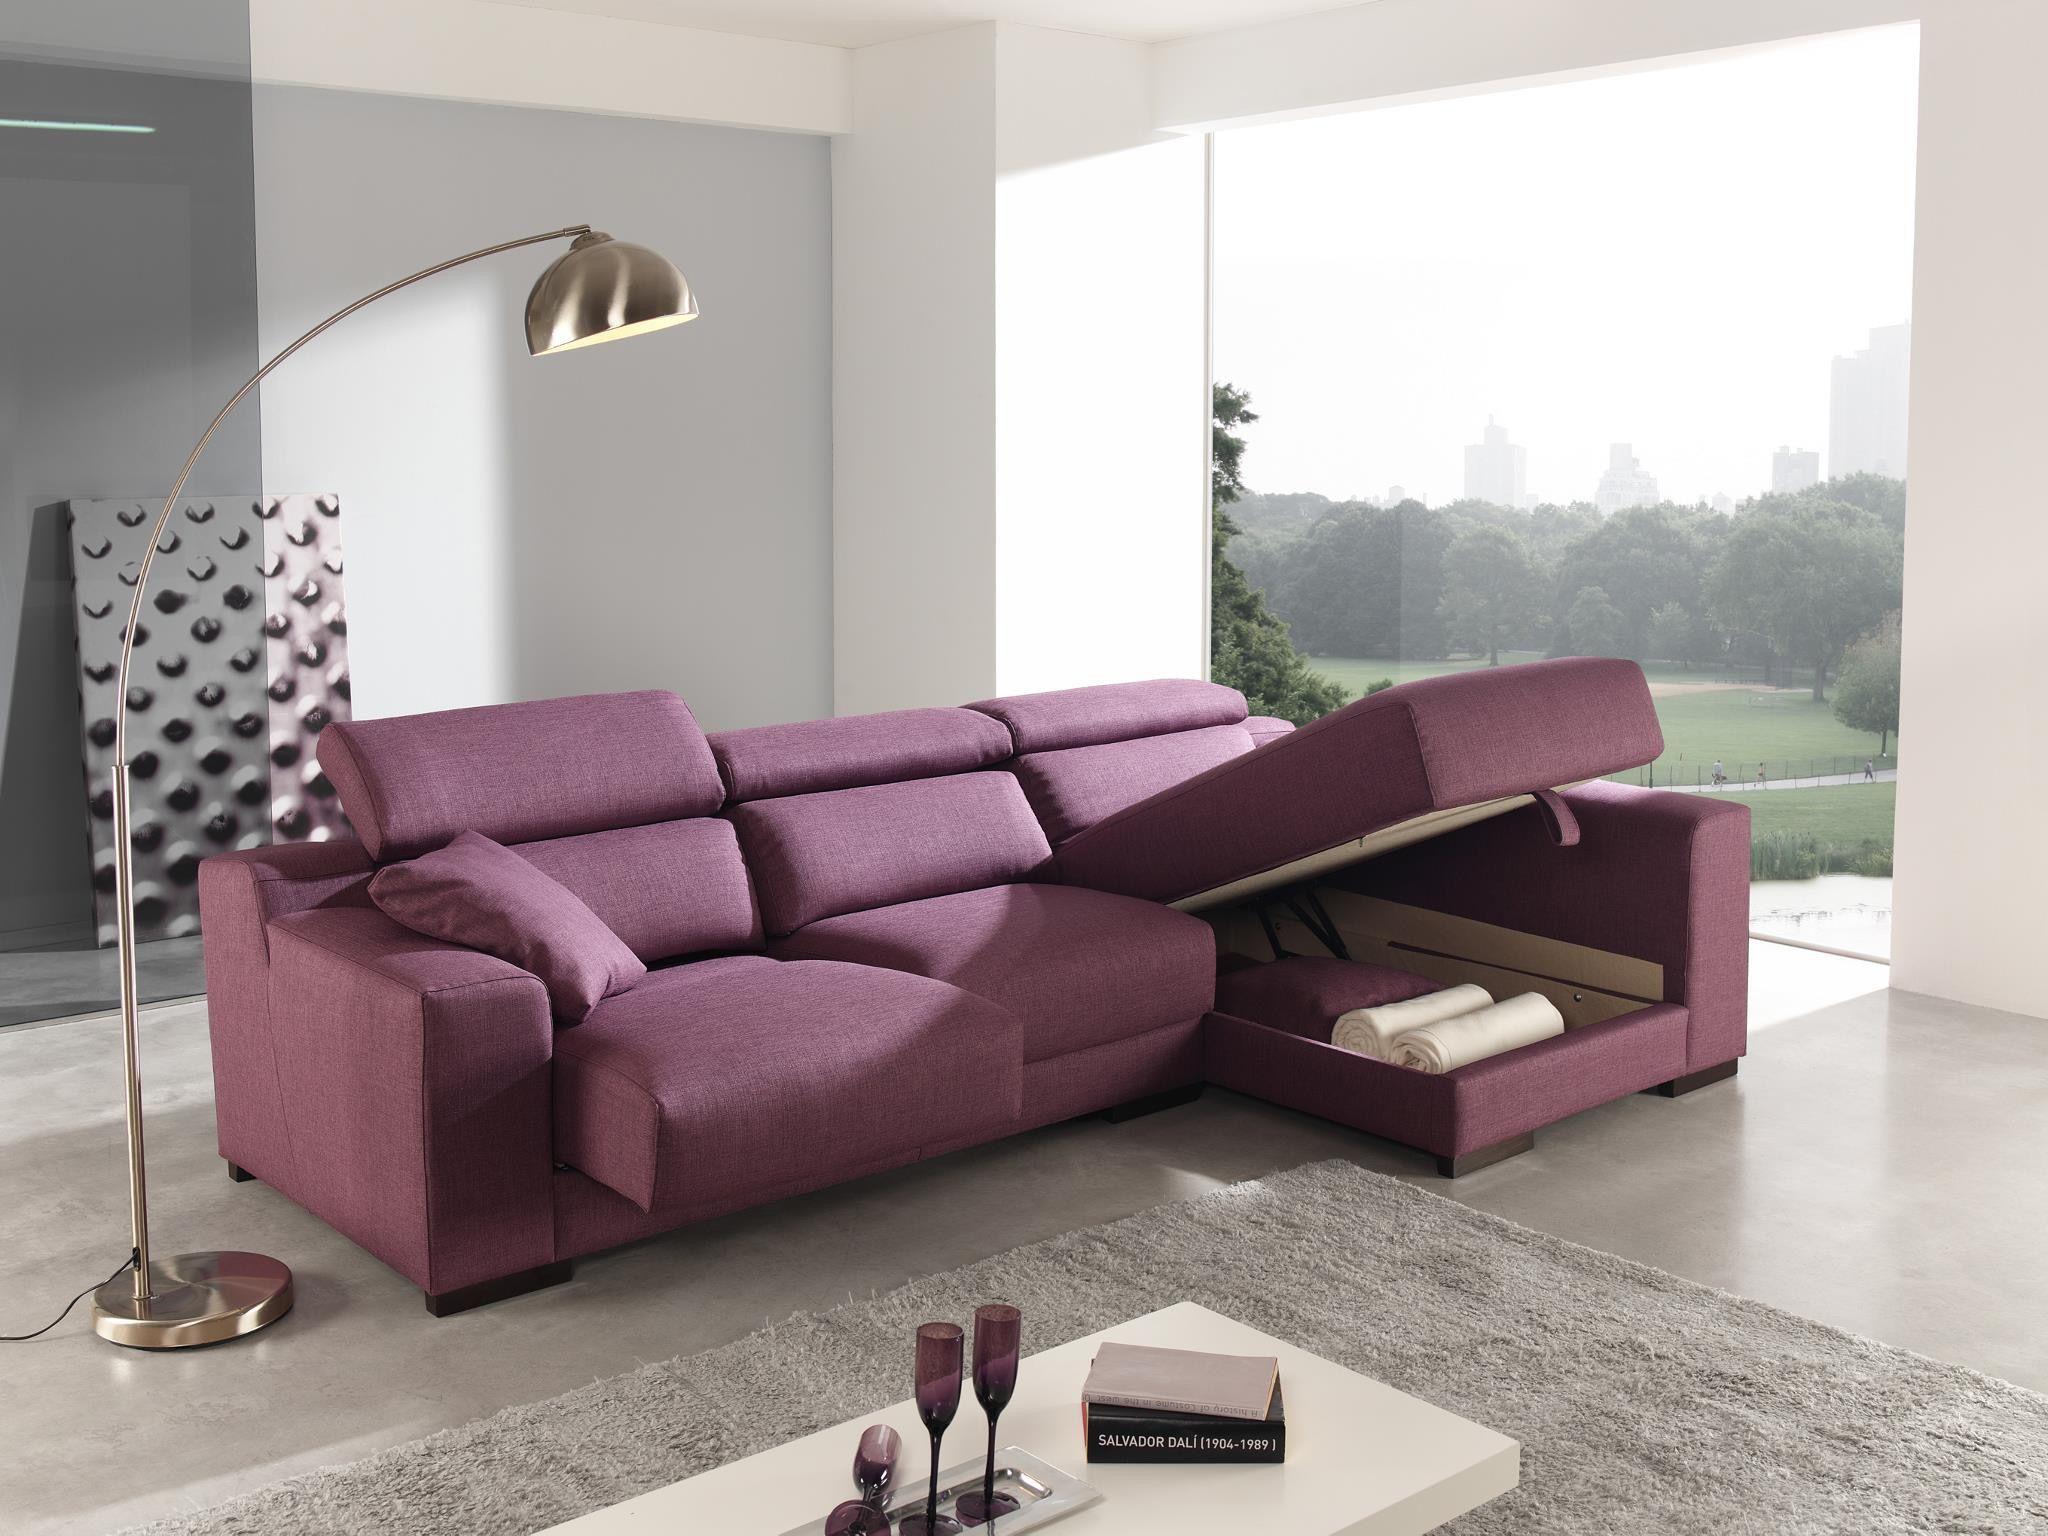 Pin de azd dise o interior en sof s c modos pinterest for Sofas modernos sevilla